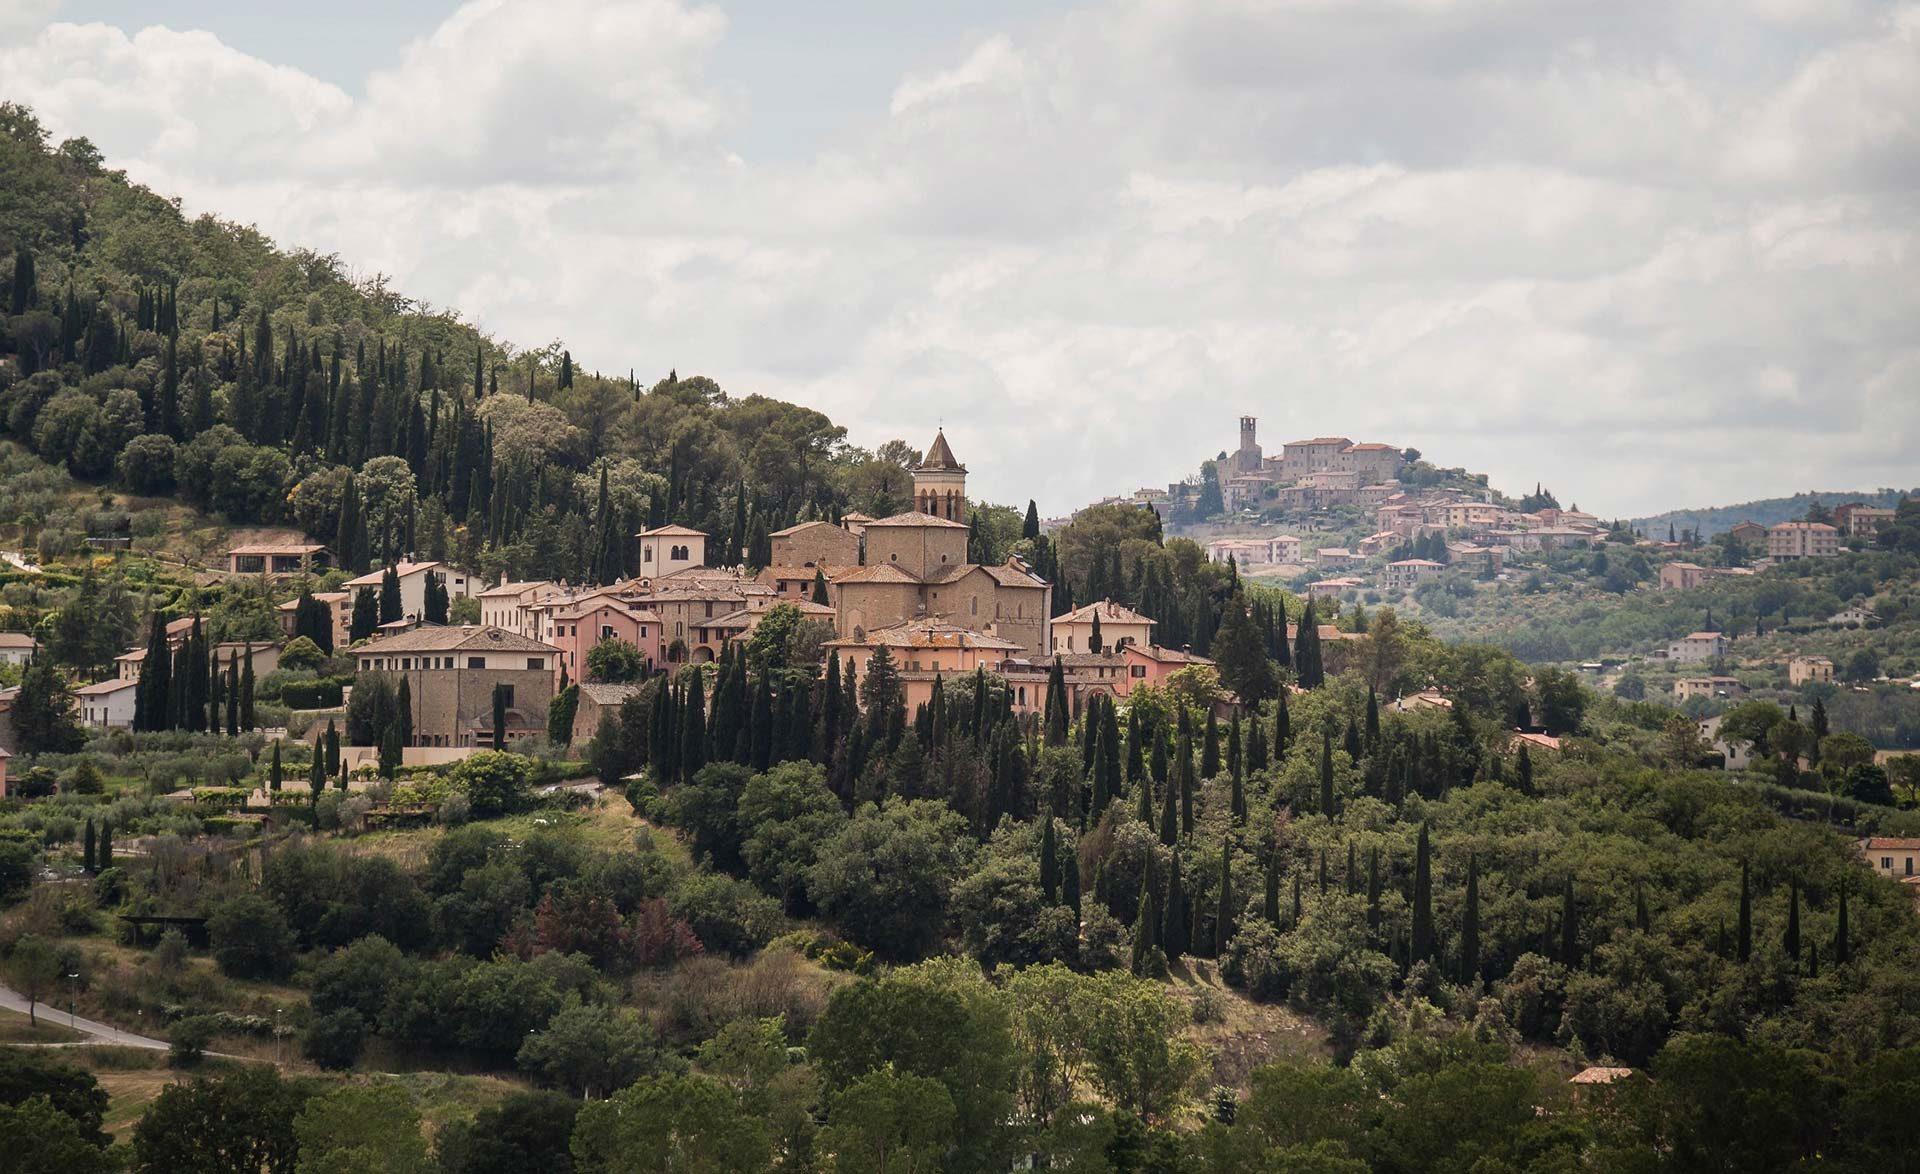 Solomeo il borgo di brunello cucinelli il re del for Dove ha sede il parlamento italiano